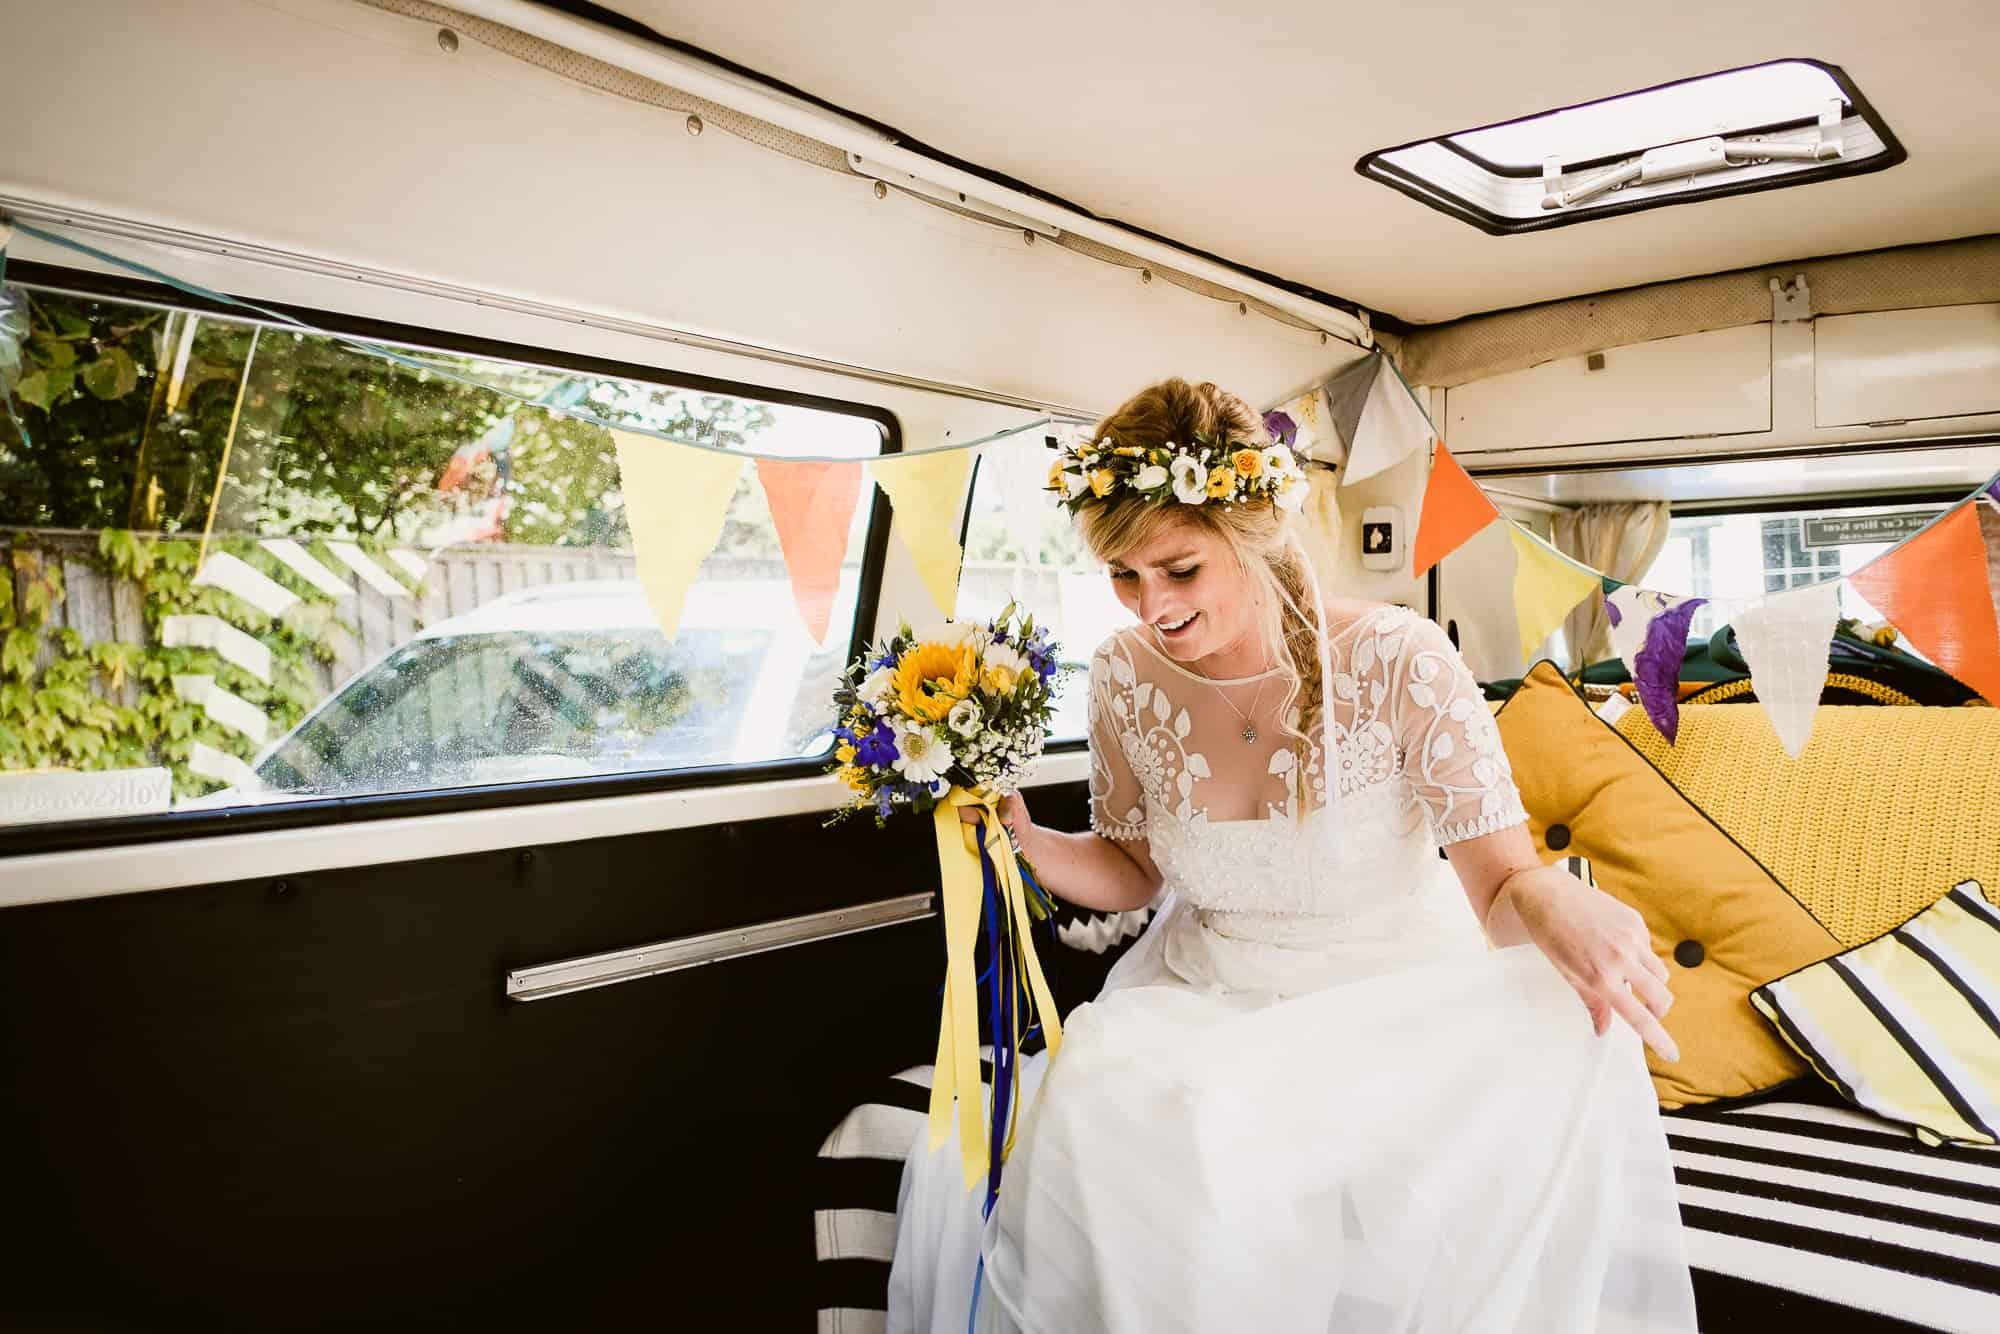 east-quay-wedding-photography-matt-tyler-0020